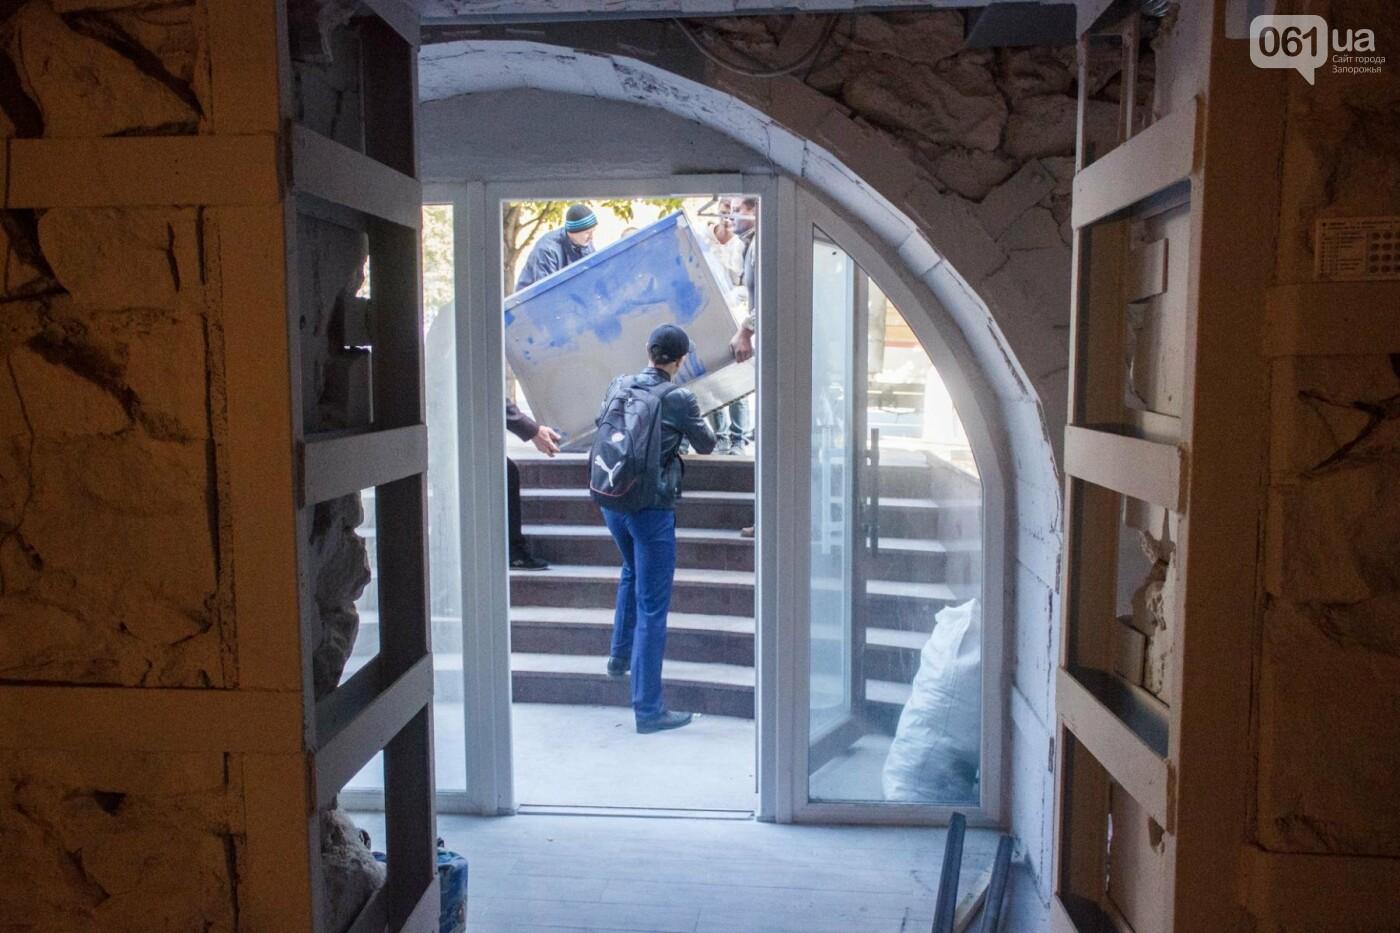 Show биZнес: в будущем ресторане завершается ремонт и появляется мебель , фото-11